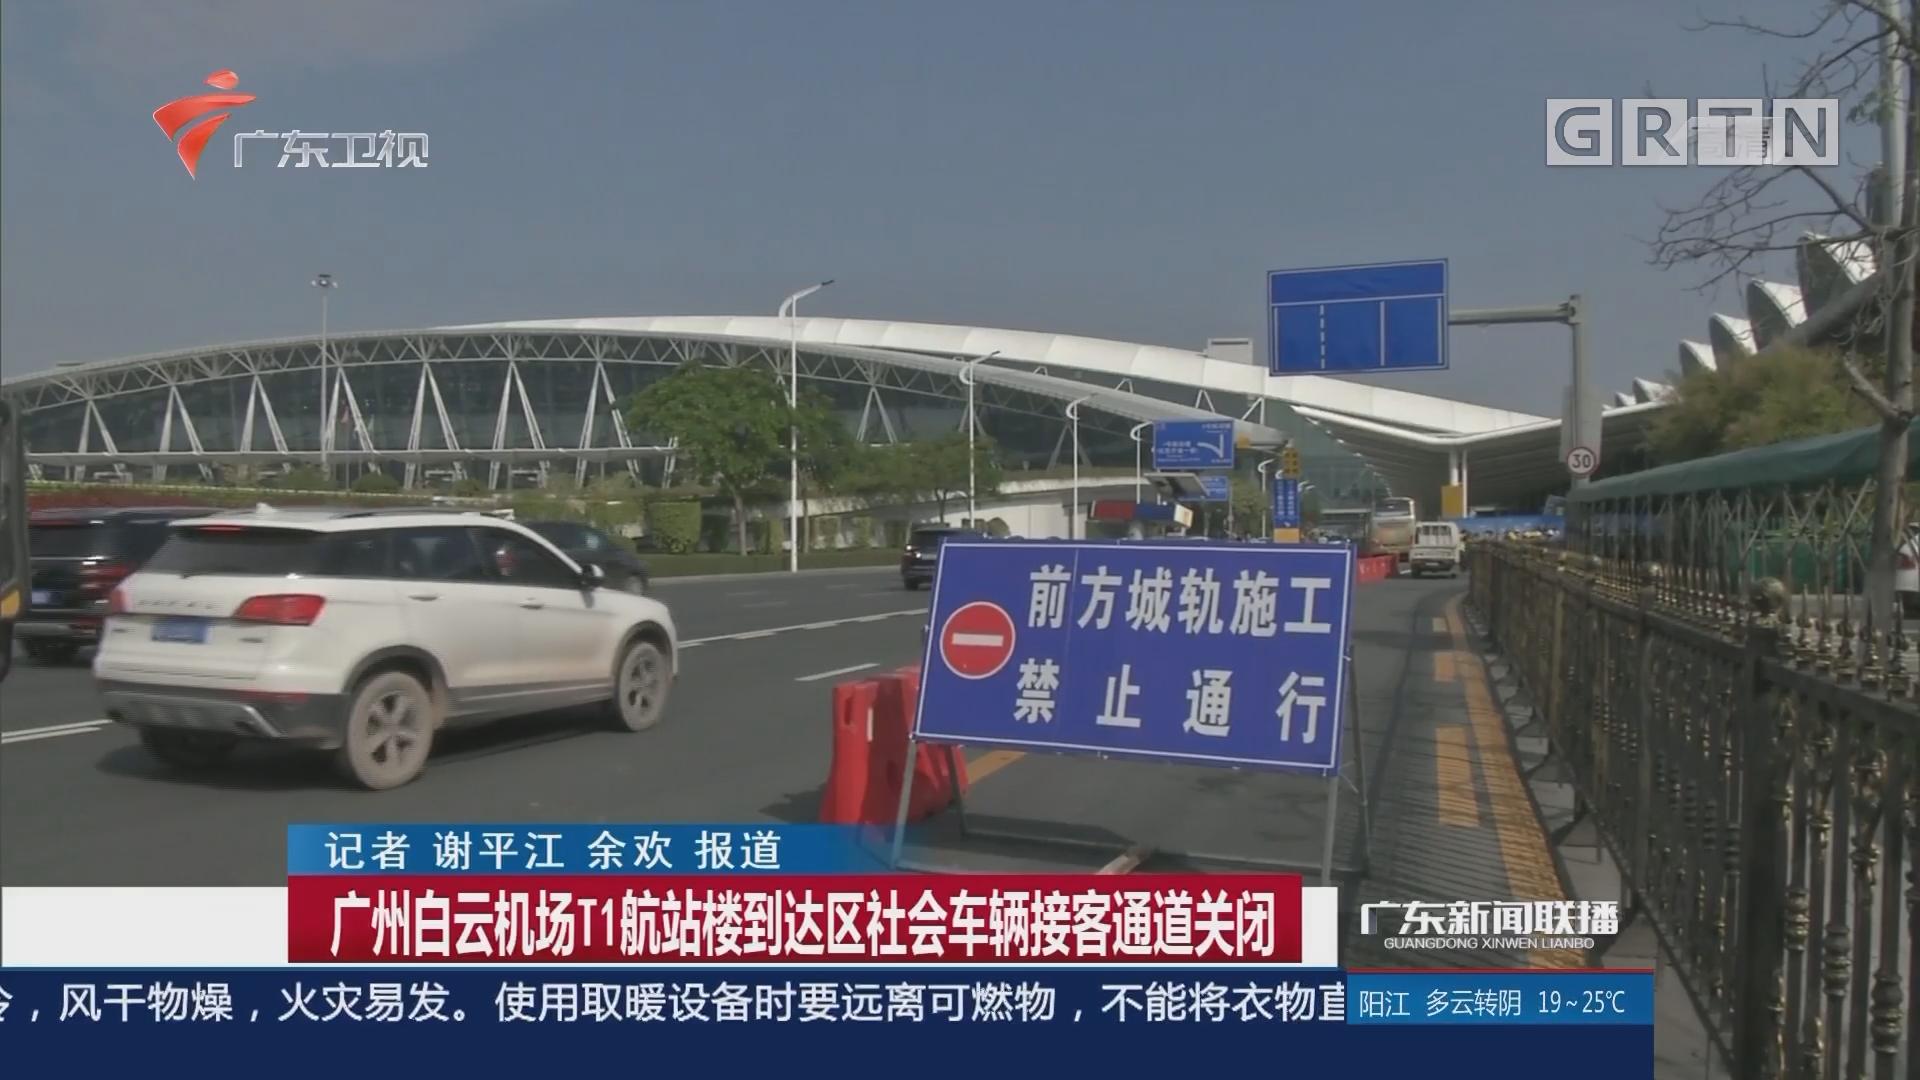 广州白云机场T1航站楼到达区社会车辆接客通道关闭